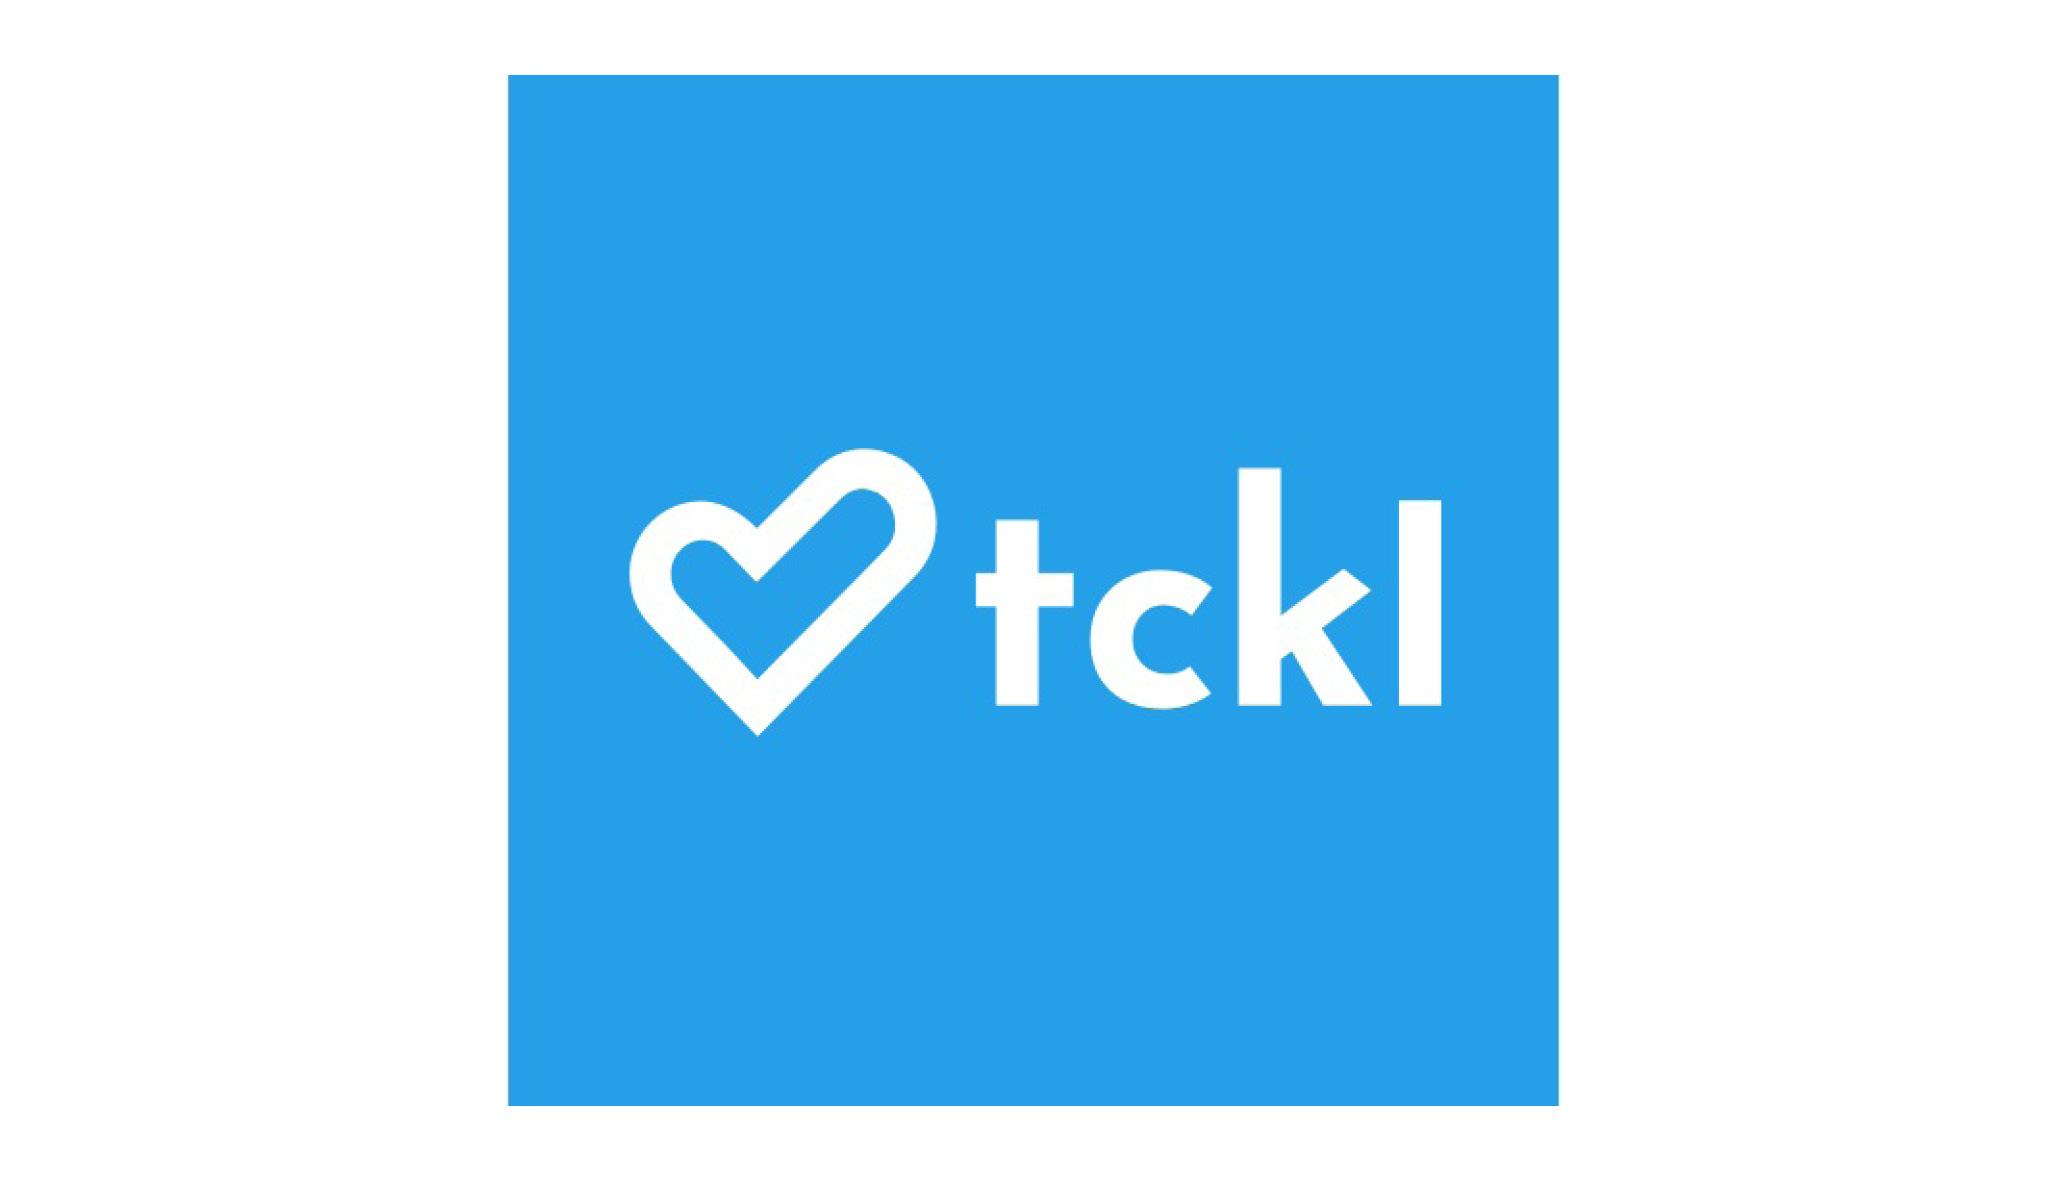 Tckl (200x350).jpg